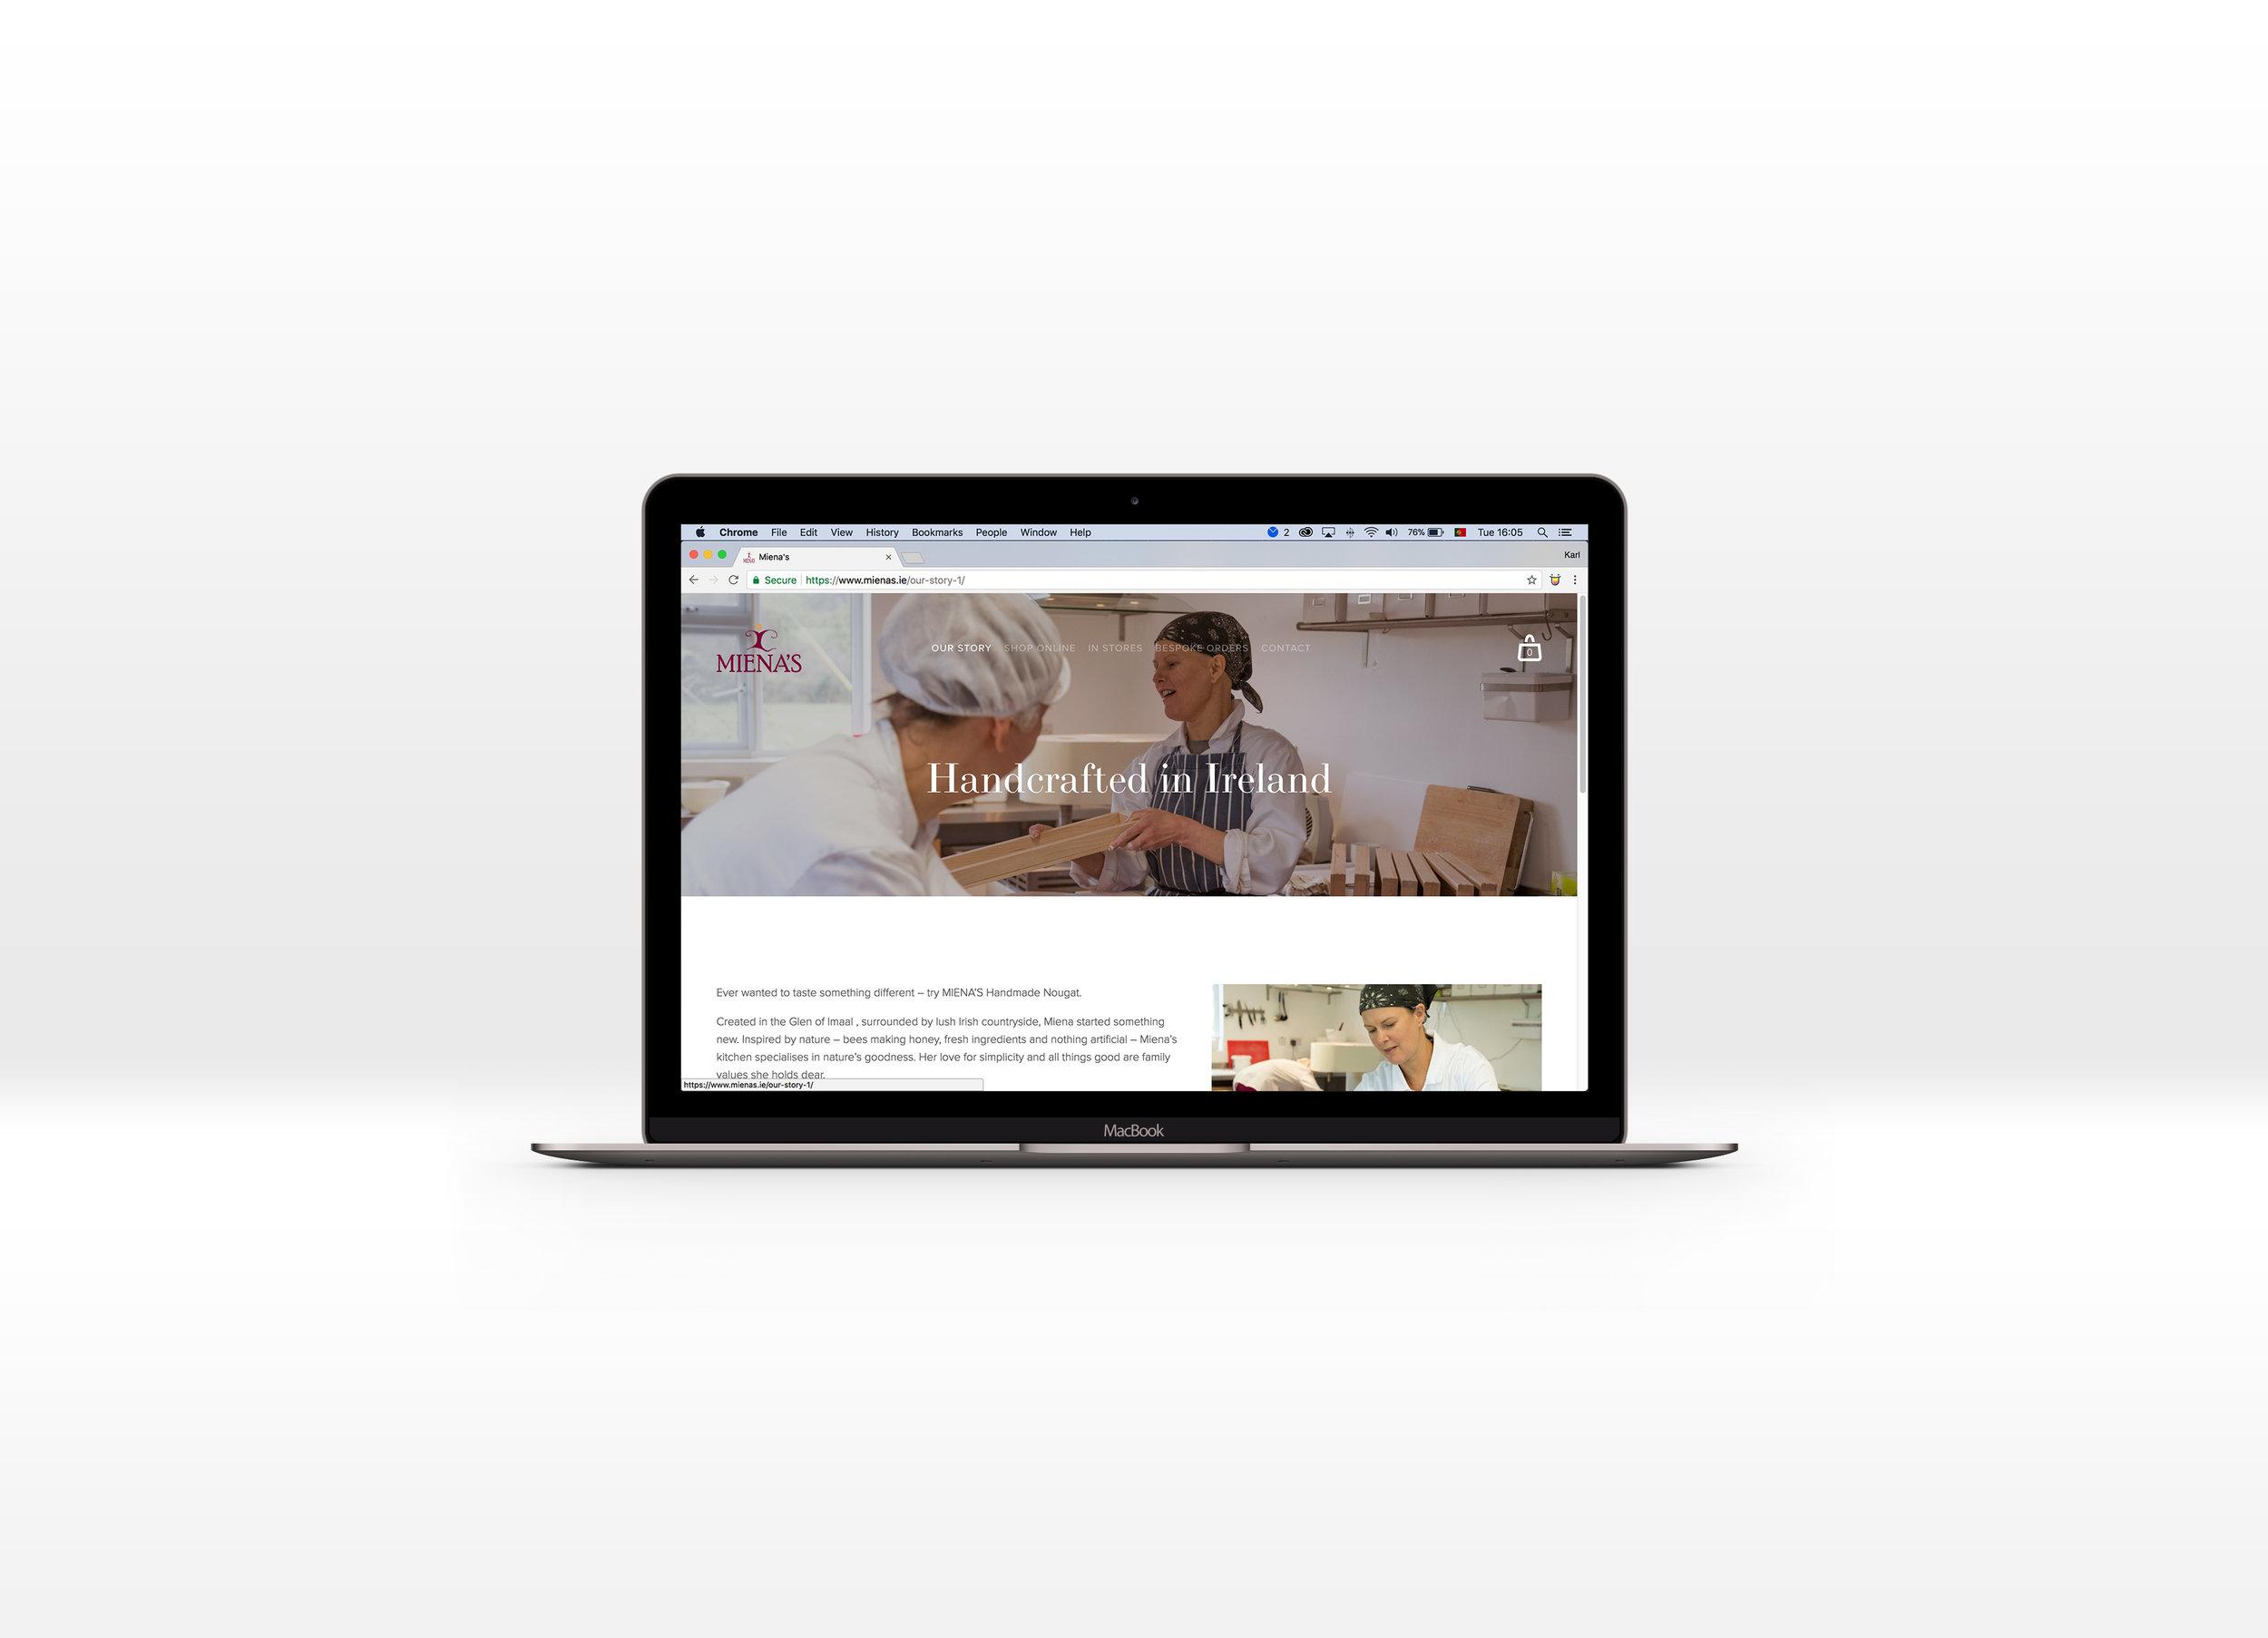 003-MacBook-Space-Gray3.jpg